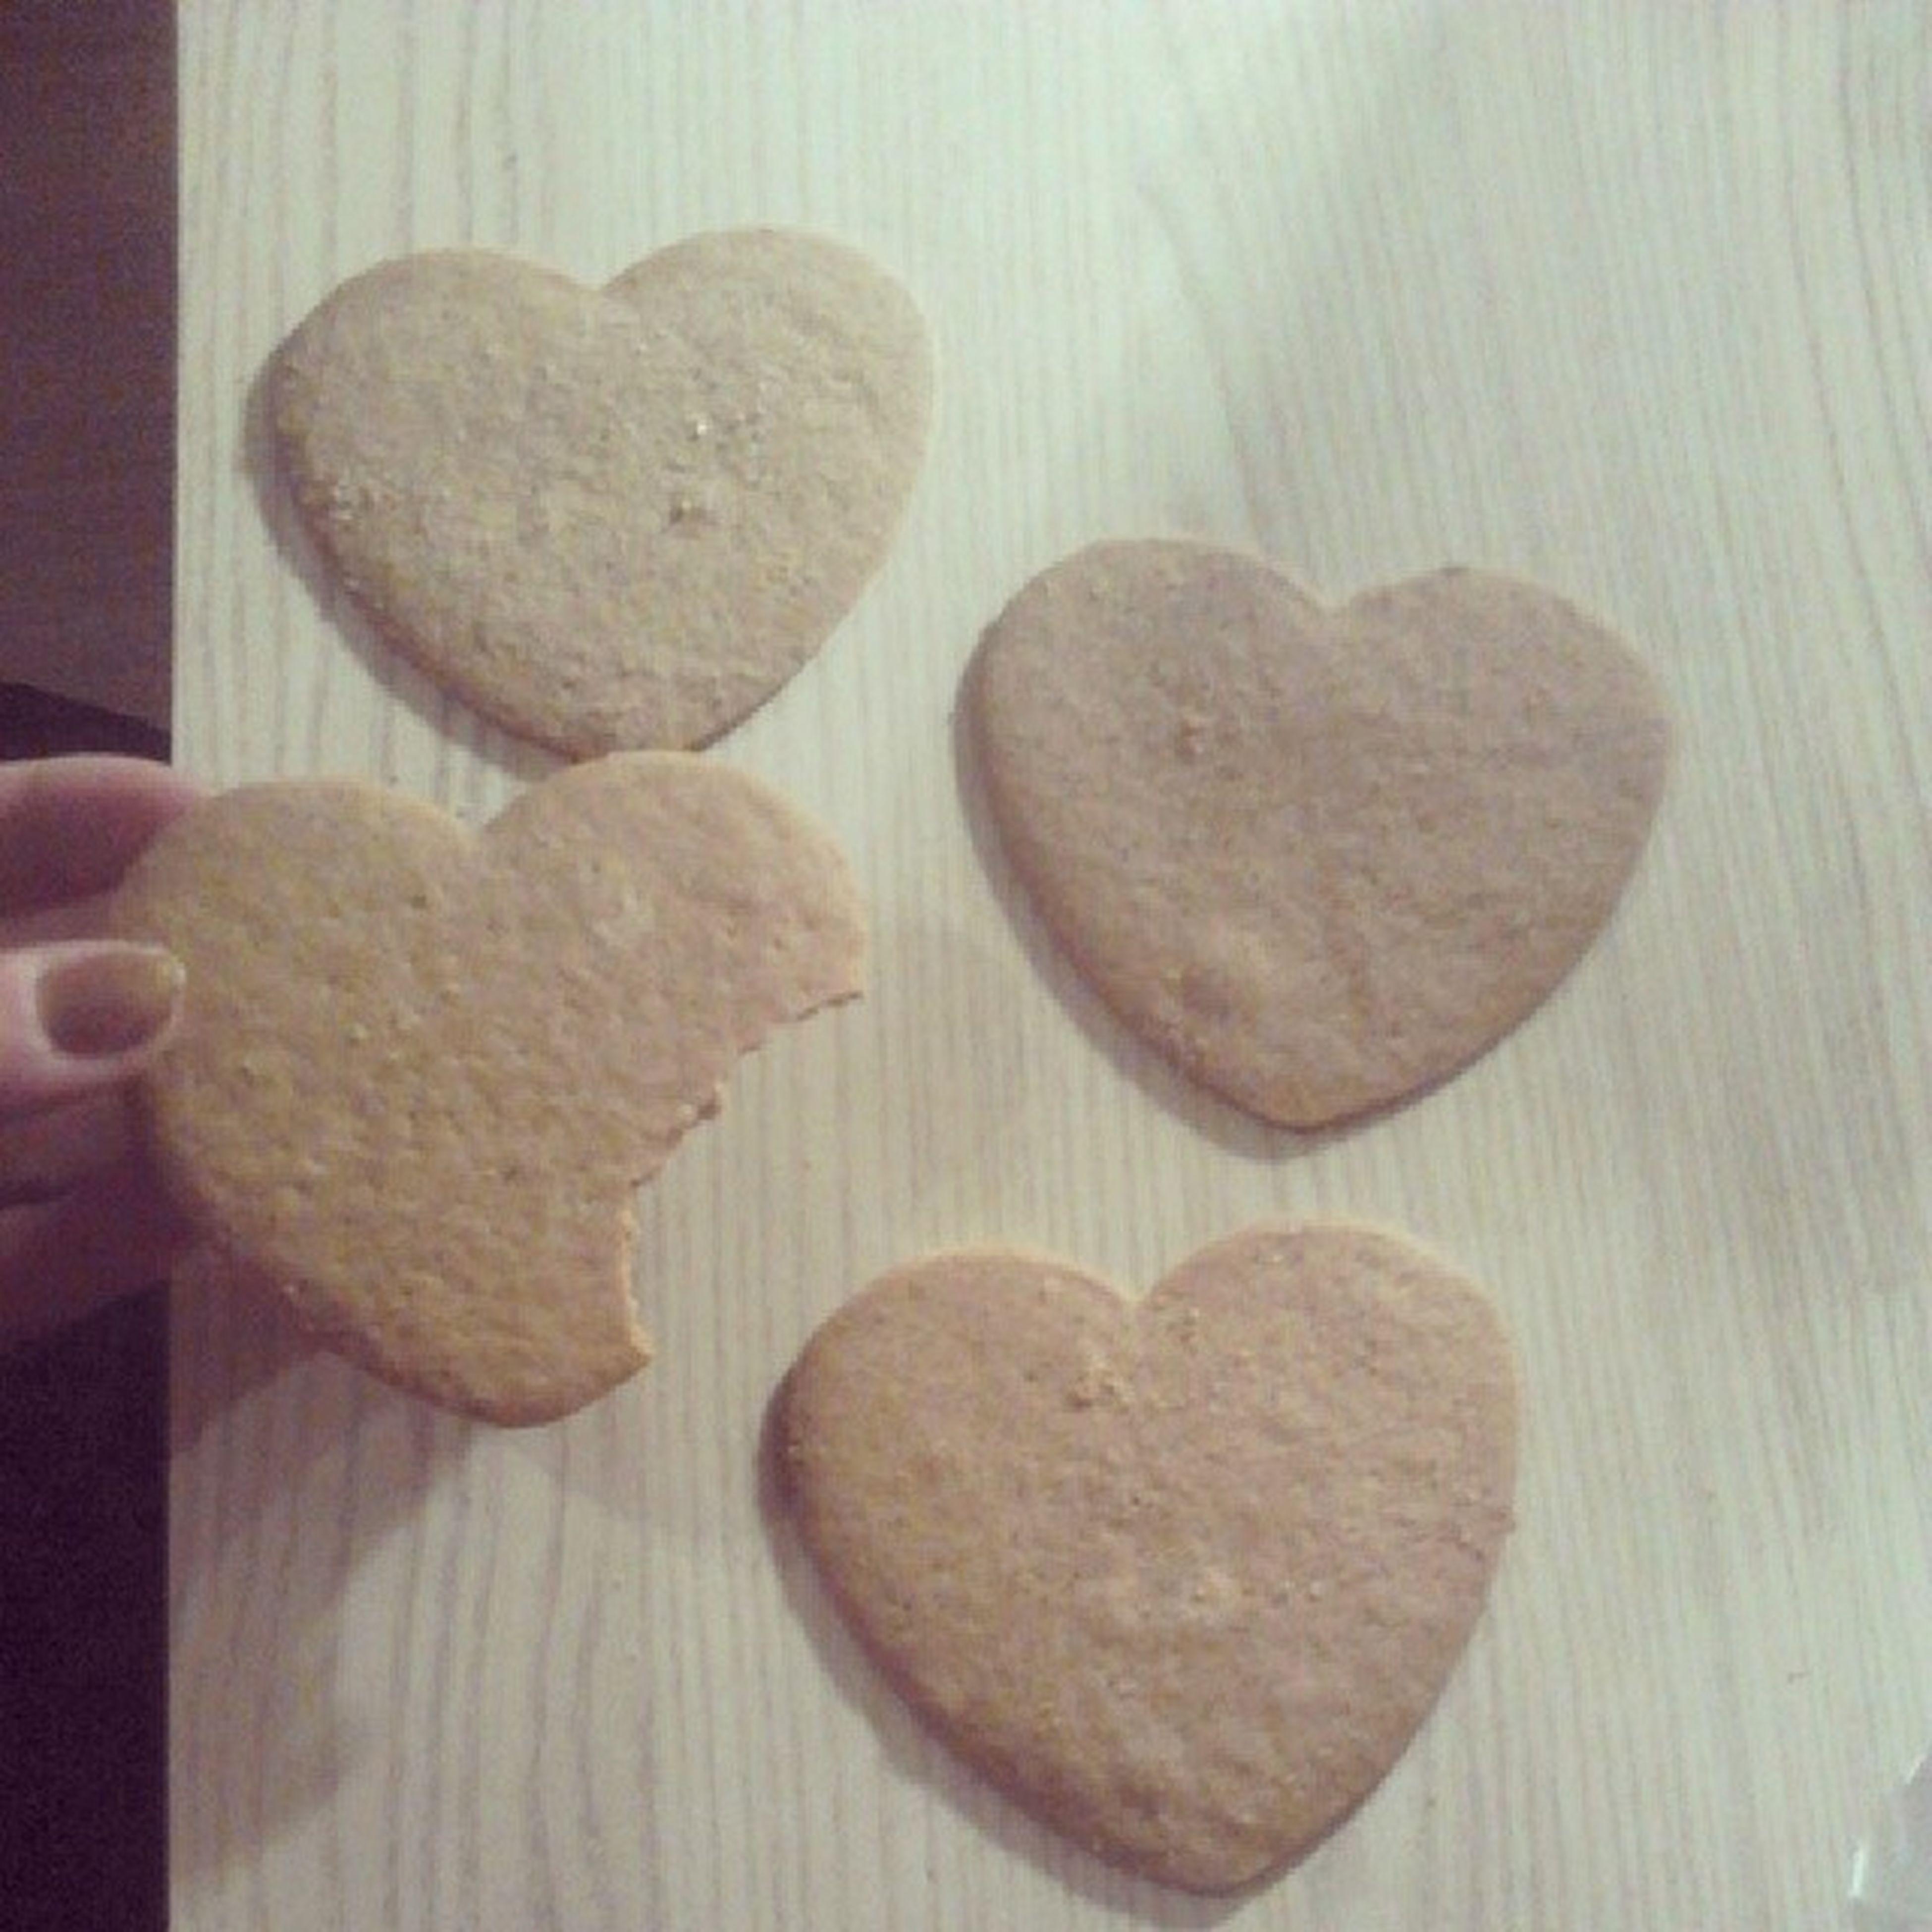 MiśSi ęUcieszy Cookies Sweet yummydeliciousdessertheartaduparośnieevenninginstafoodinstagoodf4f